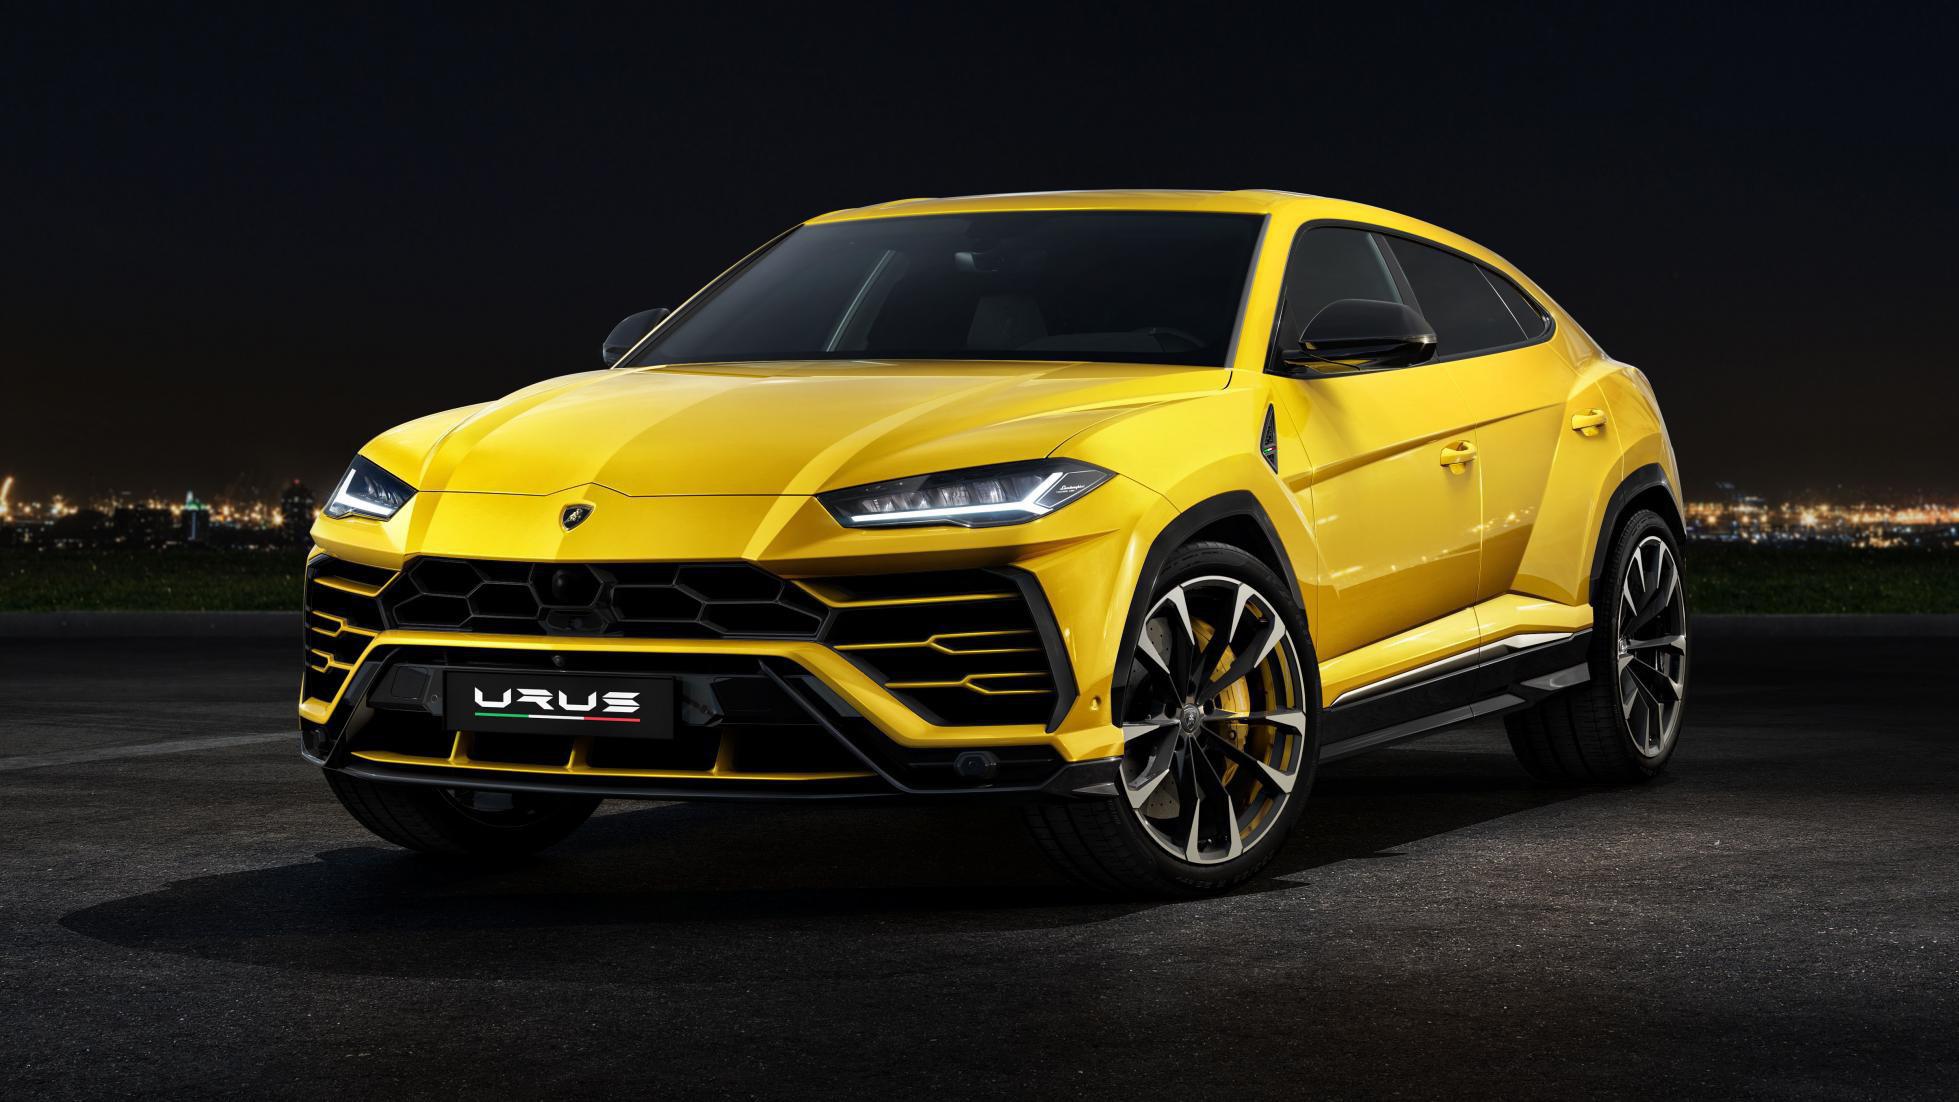 Lamborghini Urus bị triệu hồi vì nguy cơ cháy xe - Ảnh 1.